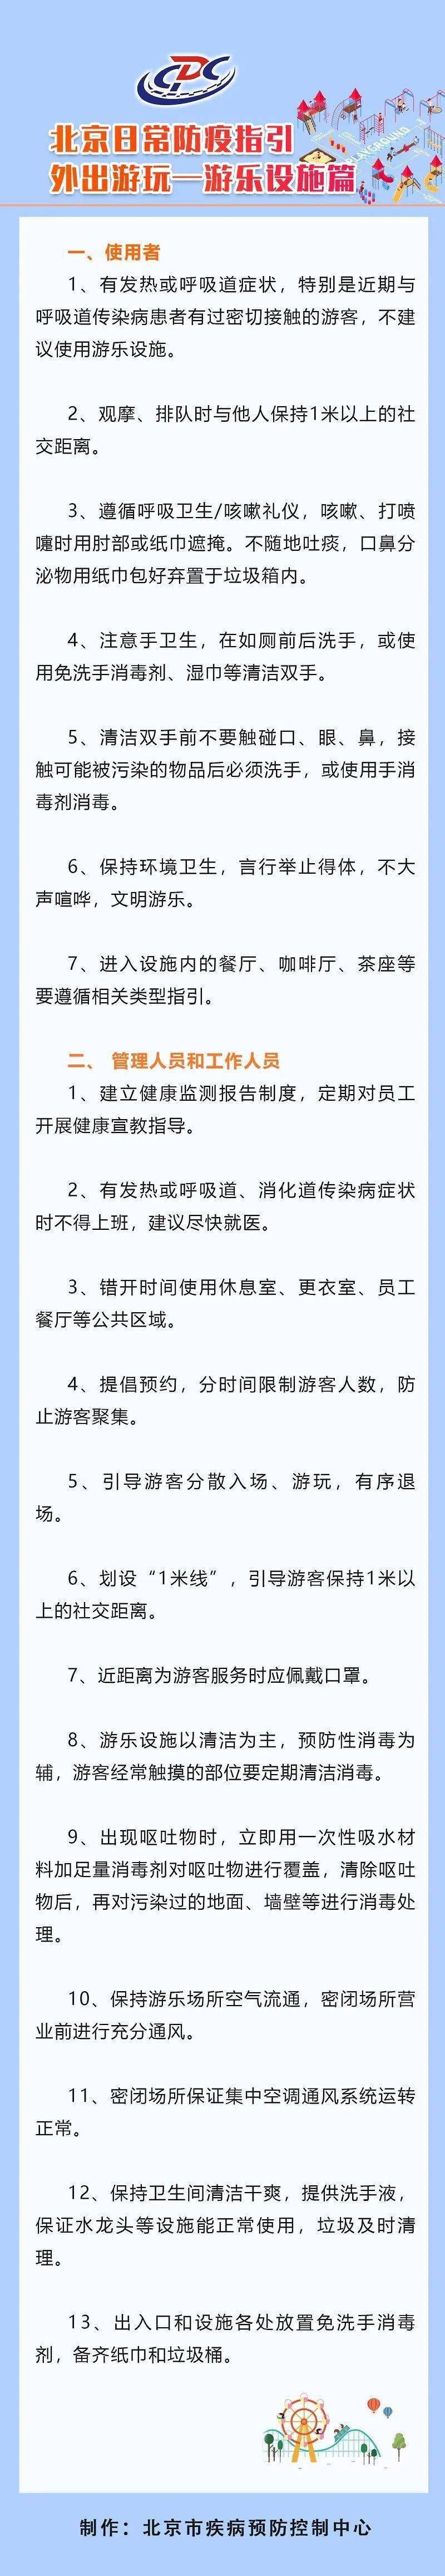 【北京疾控提醒您】北京日常防疫指引——游乐设施篇